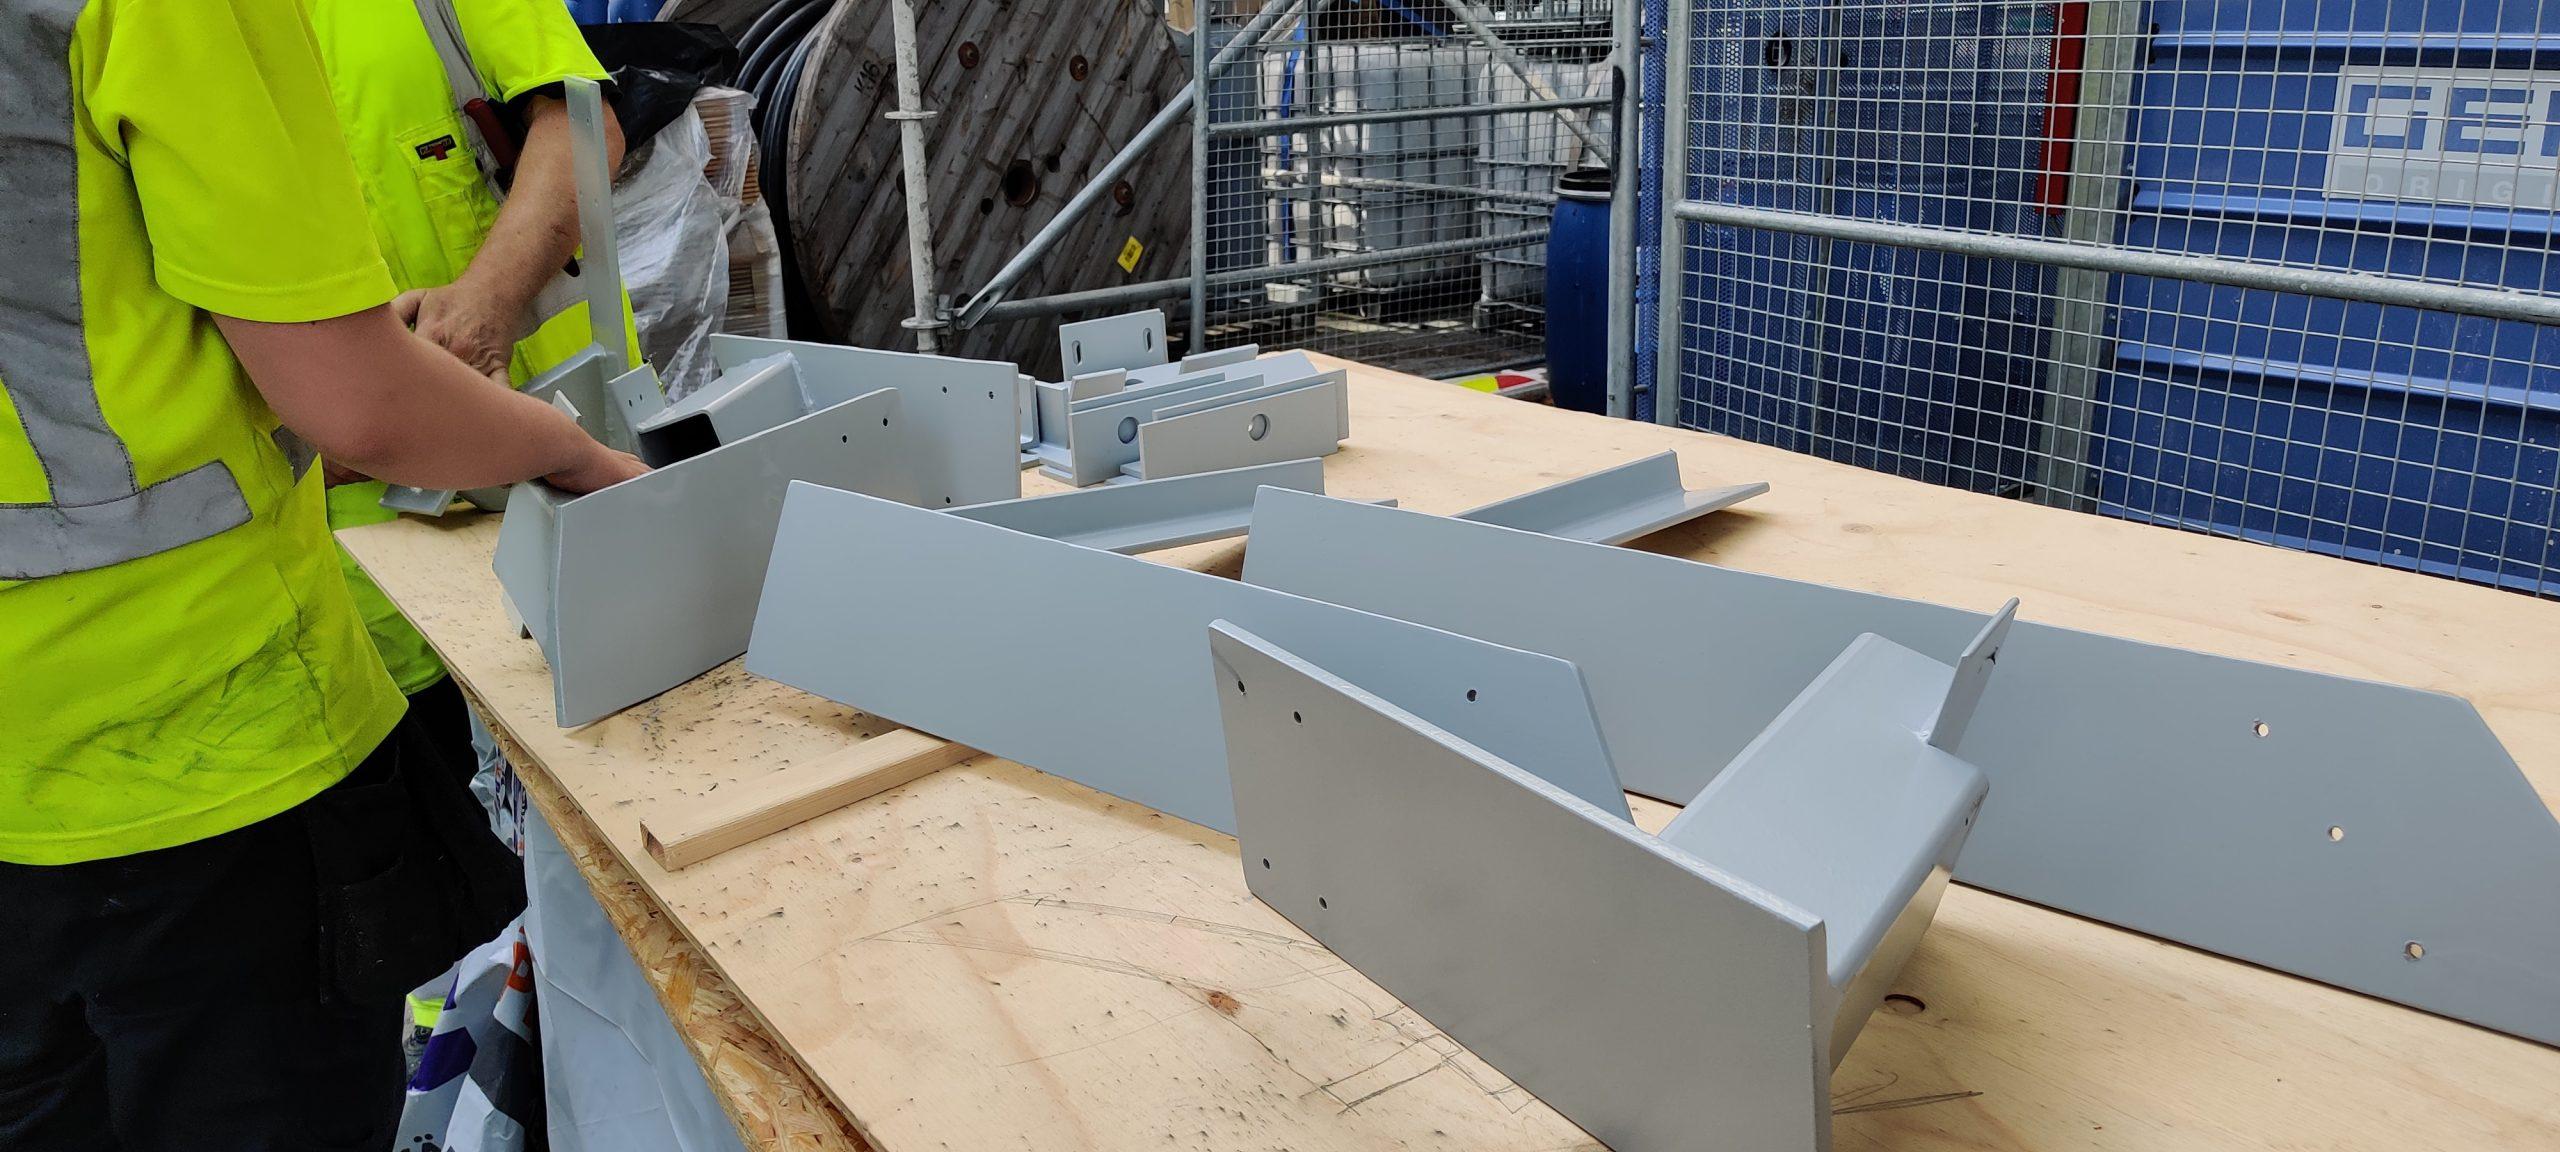 Harmaita metallisia rakenteita lastulevypöydällä.